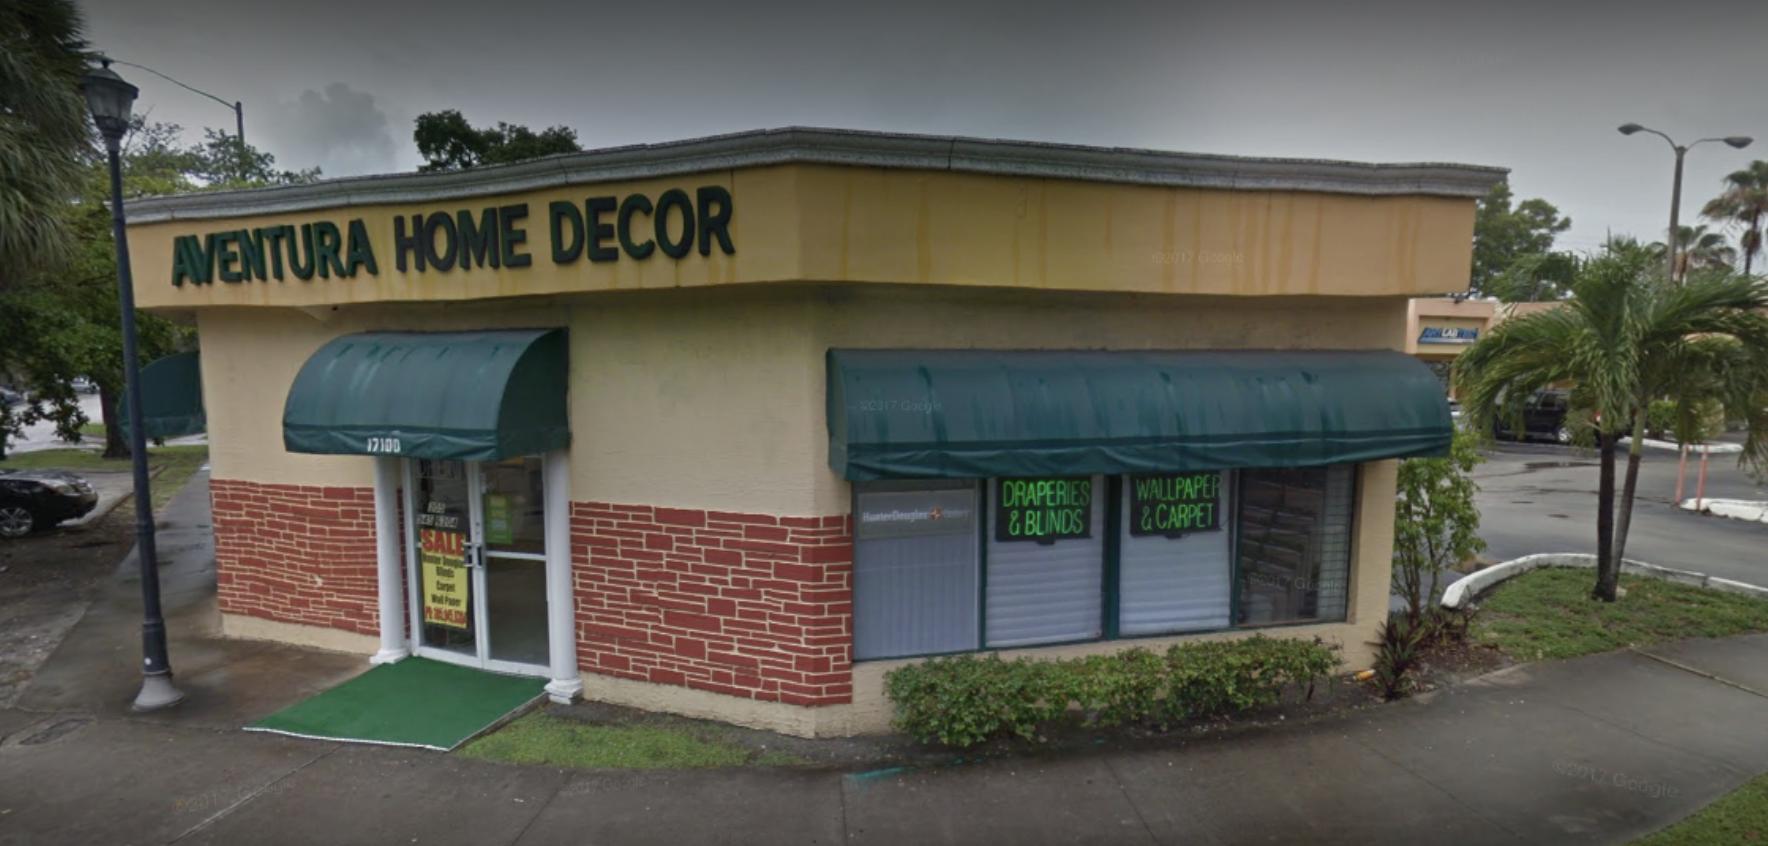 Aventura Home Decor store front